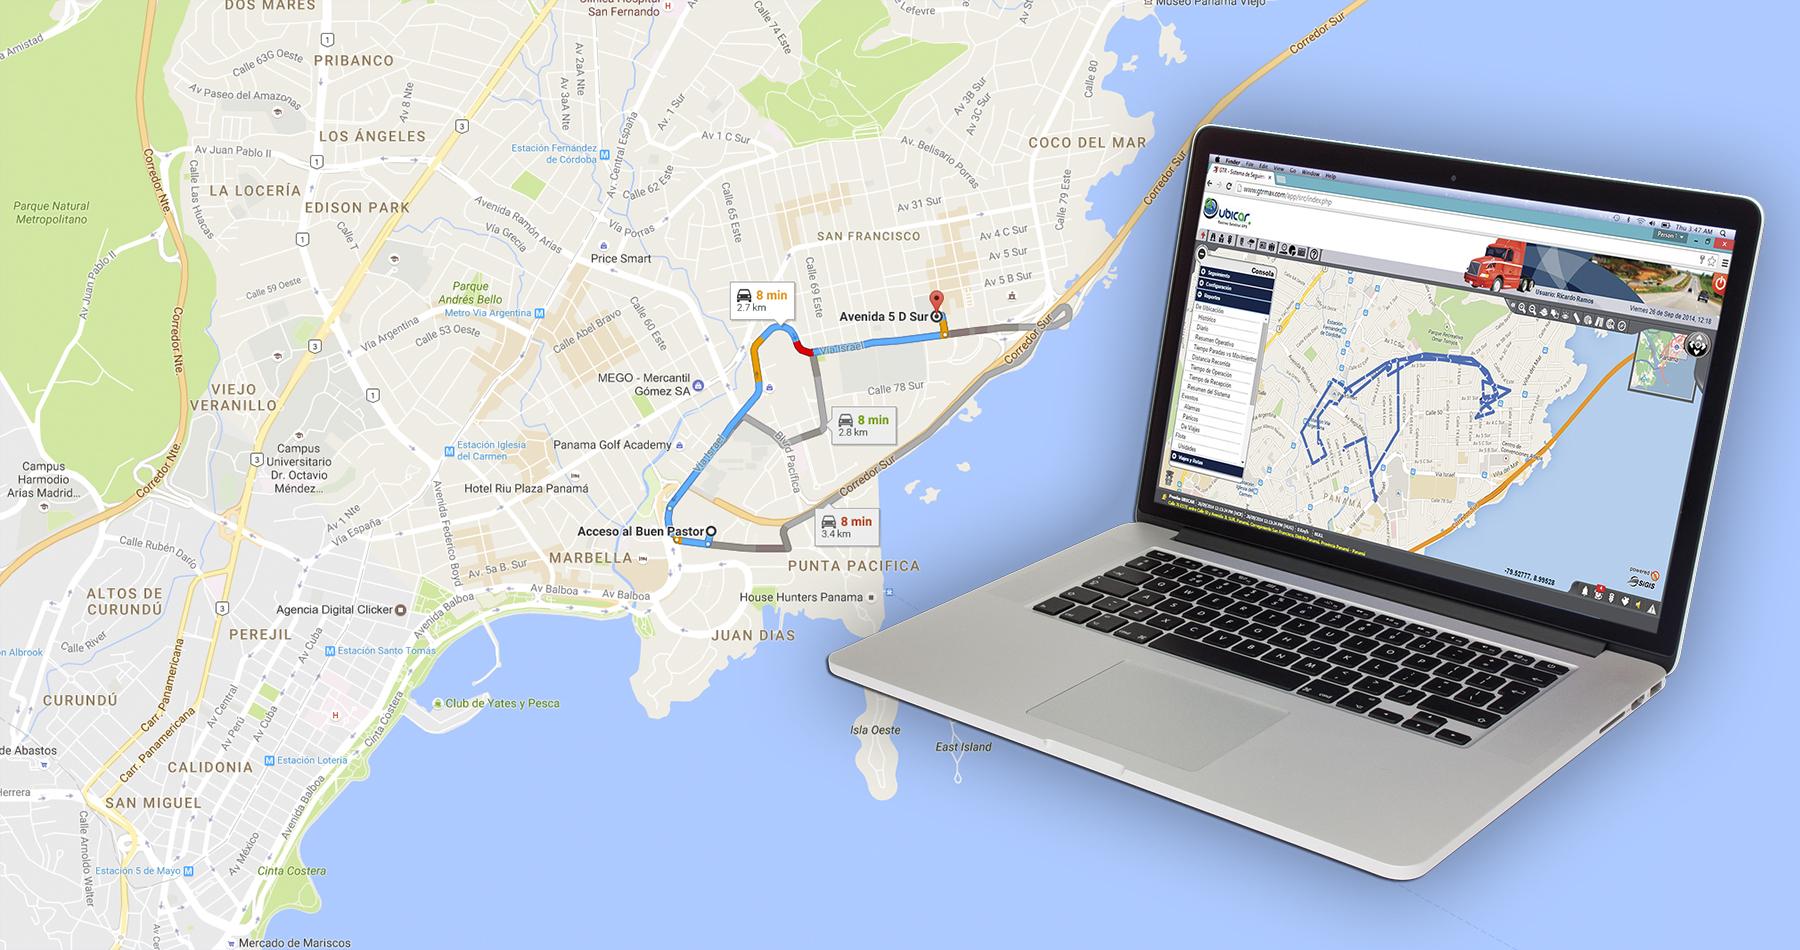 Rastreo Satelital GPS en Panamá - Ubicar Latinoamérica